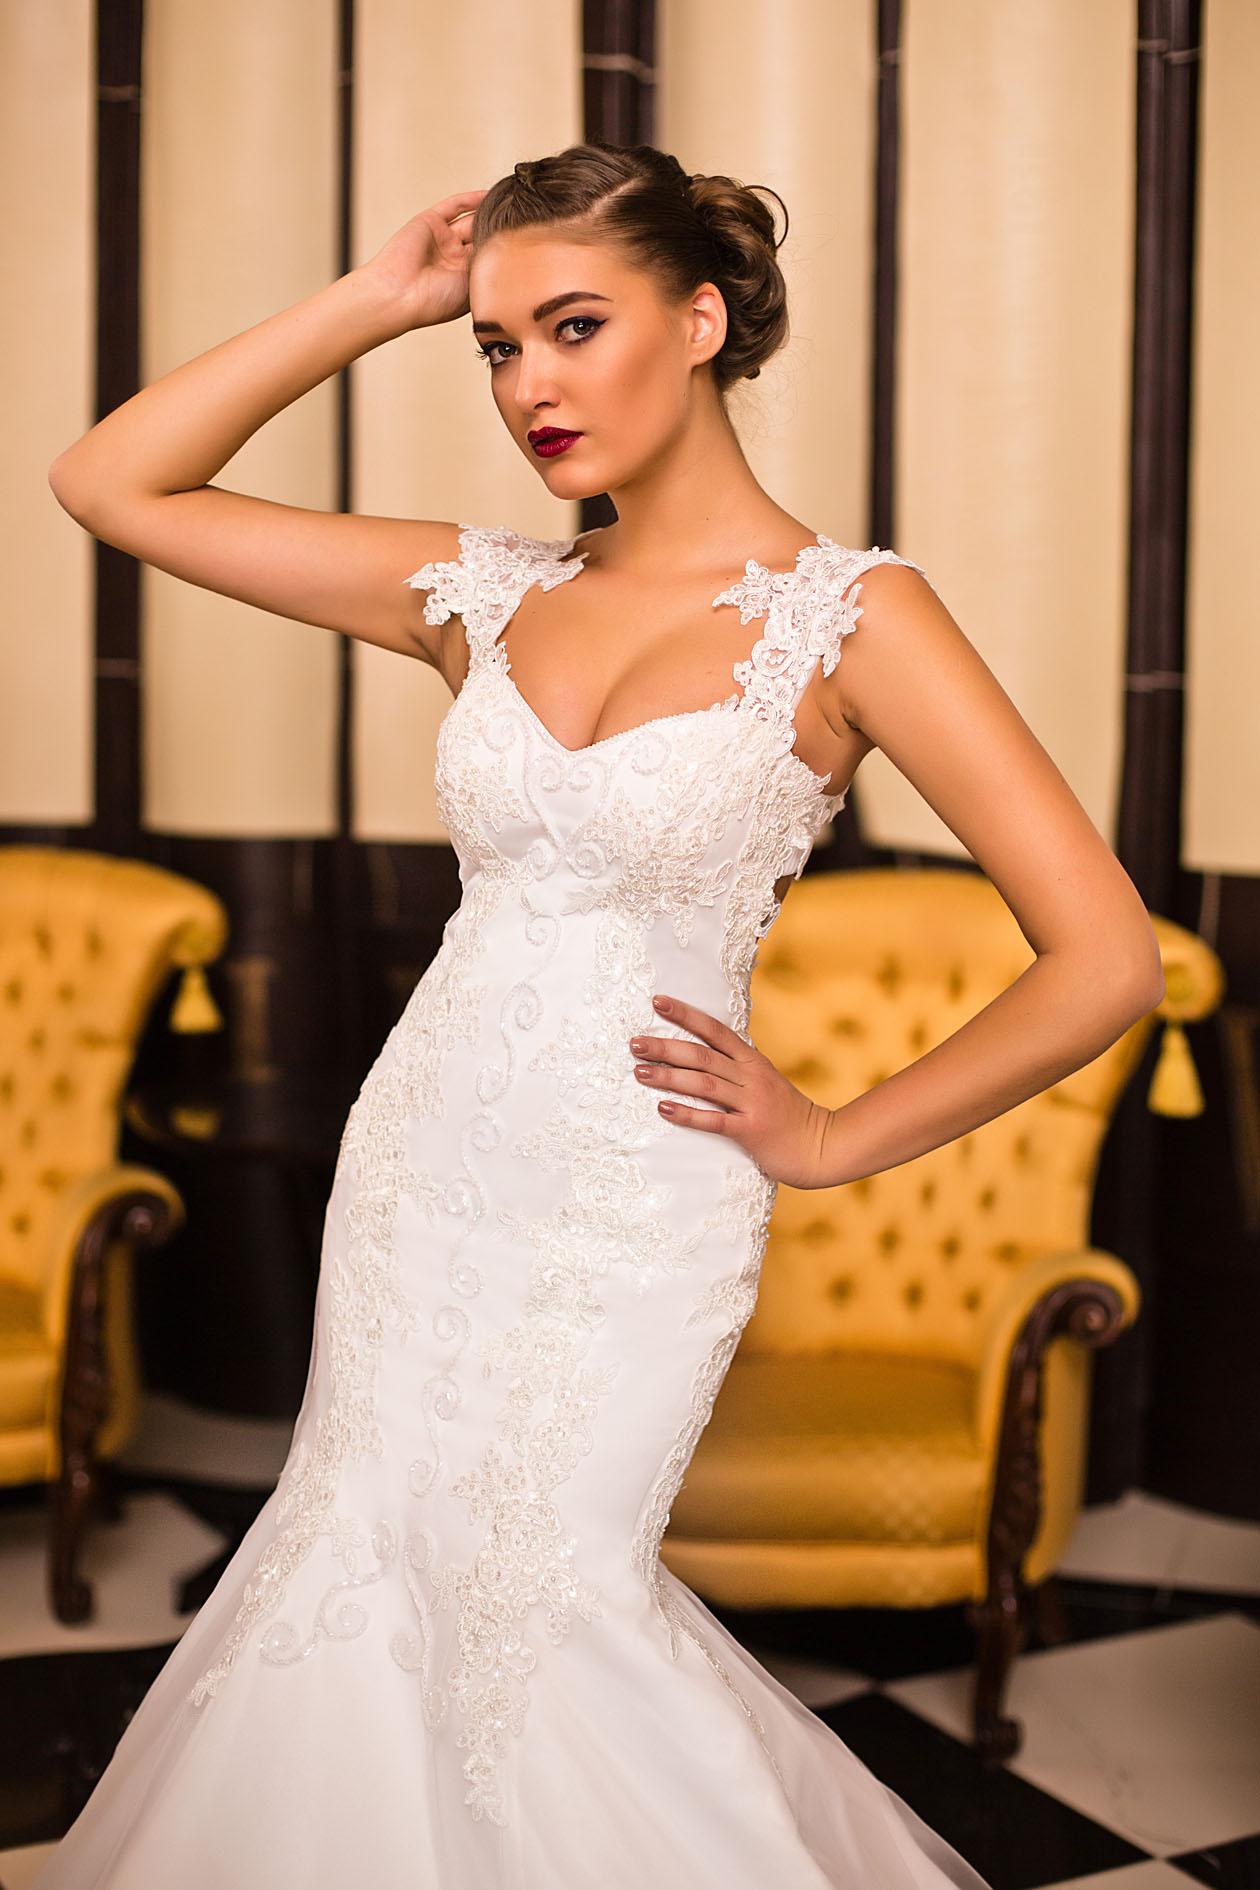 свадебное платье подчеркнуть фигуру